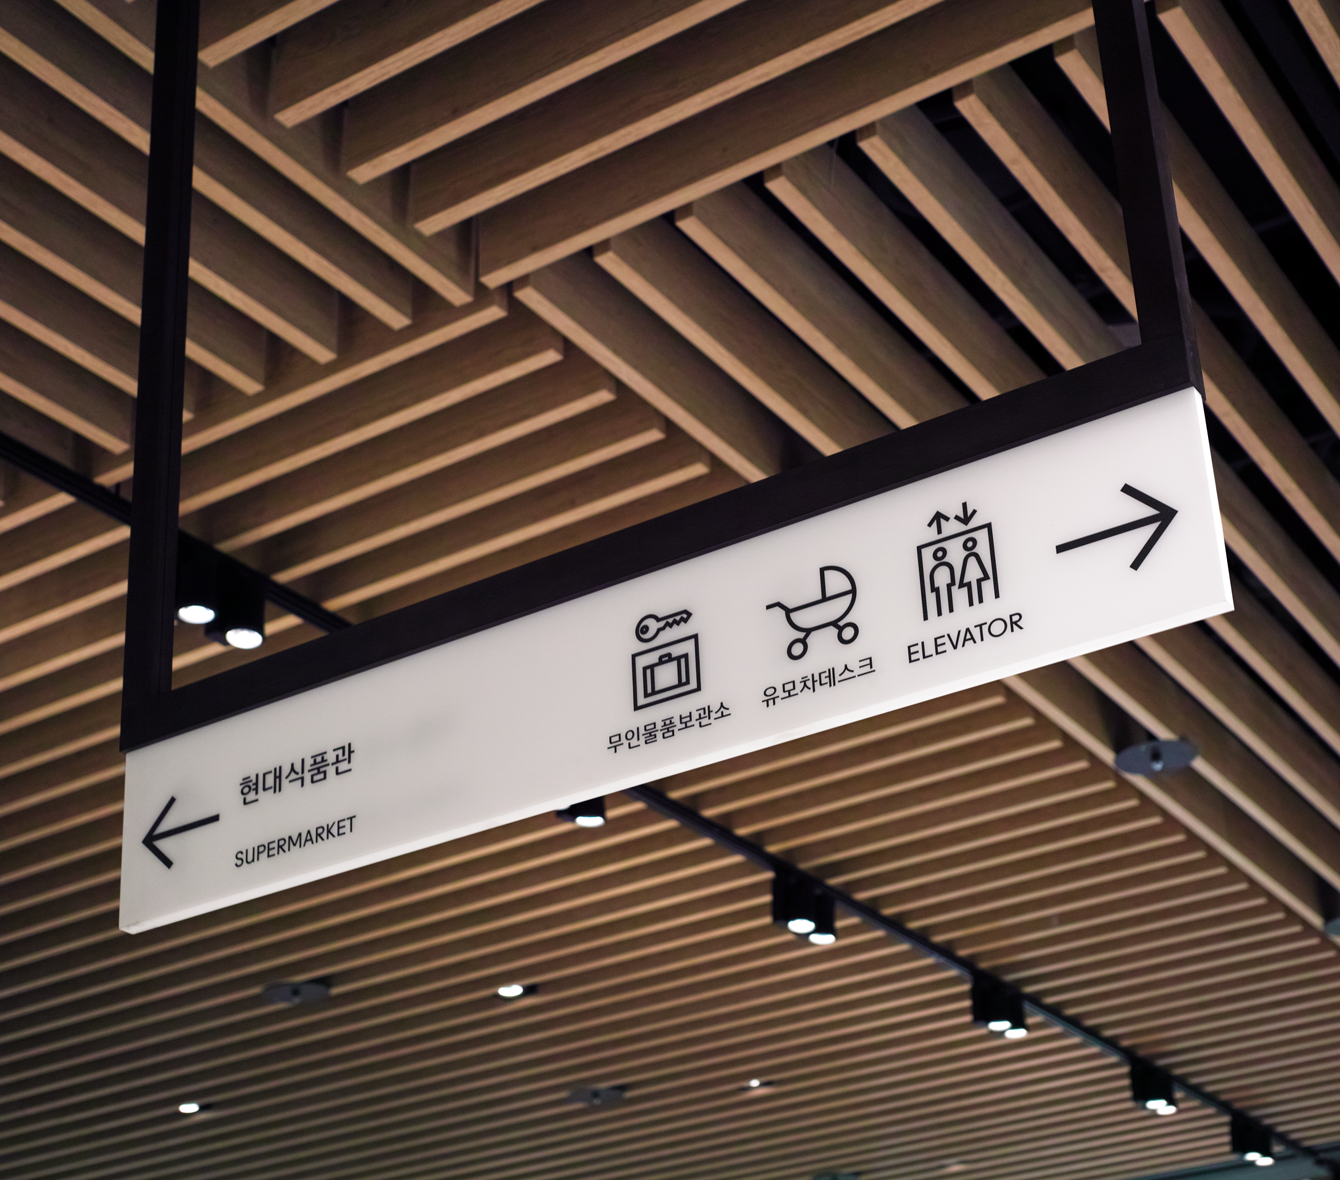 Brand Identity For The Hyundai Studio Fnt Wayfinding Signage Design Signage Design Directional Signage